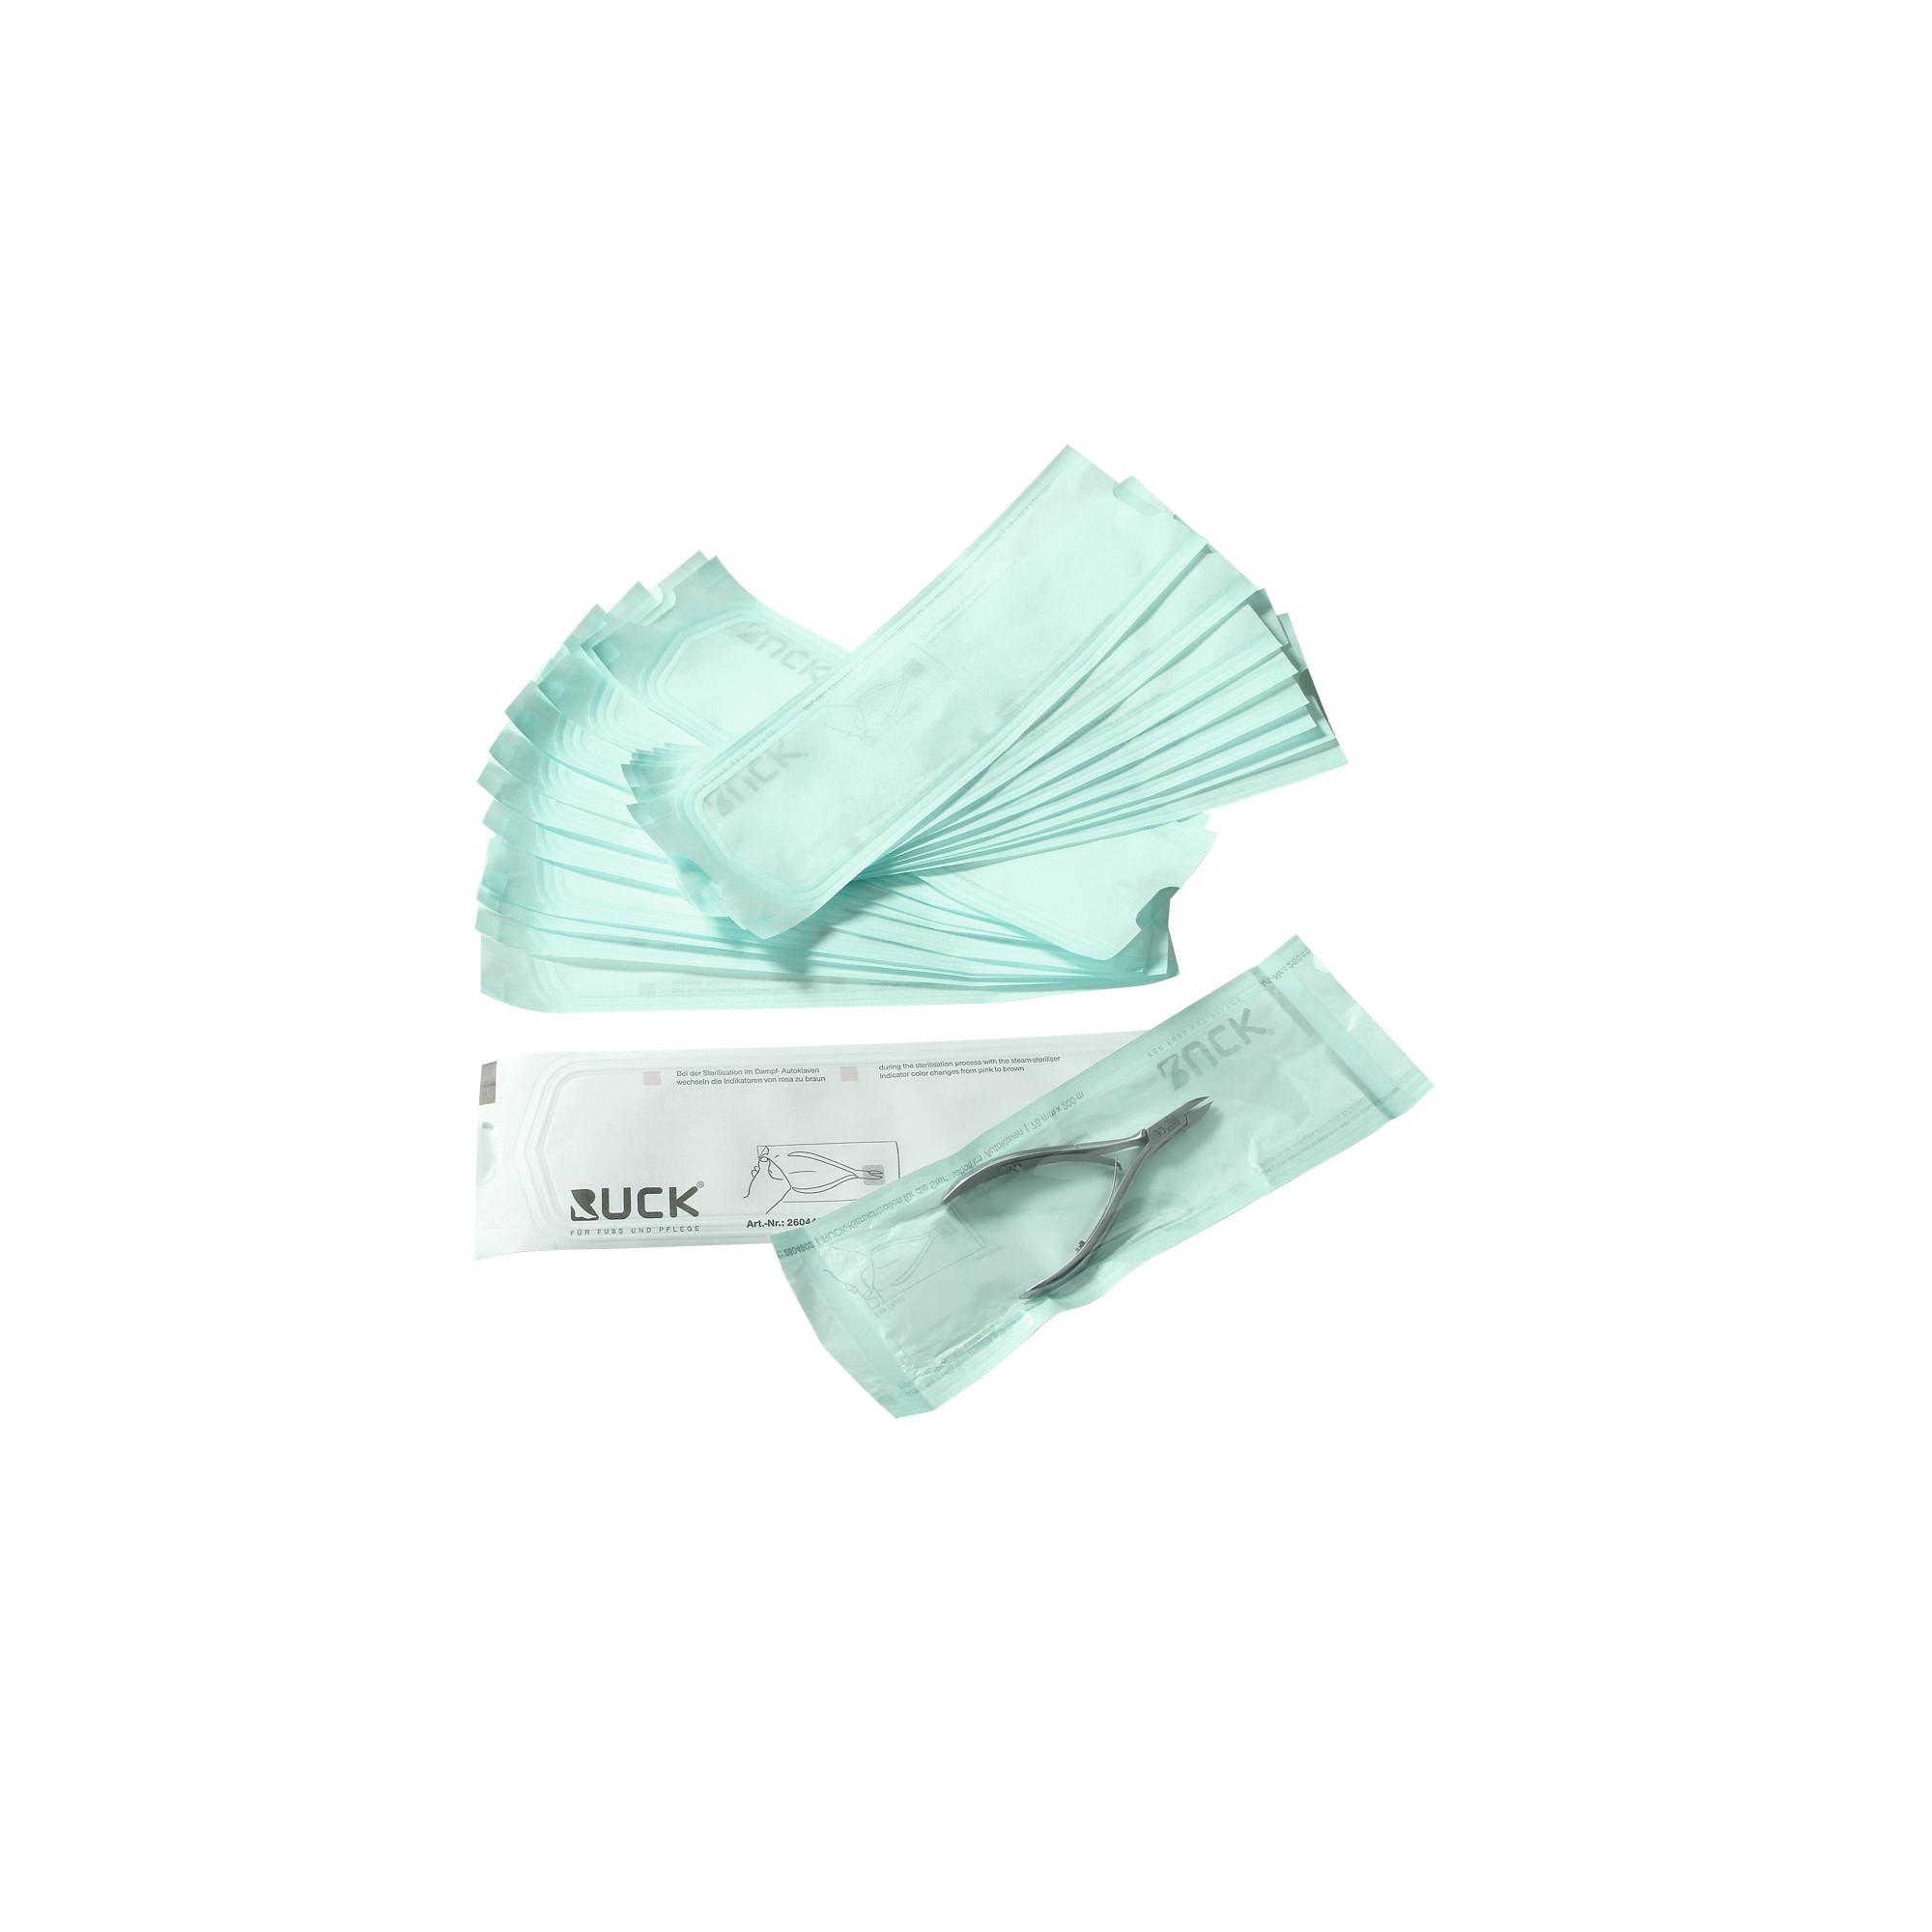 Gaines de stérilisation transparents pour autoclaves - Podolog Seal - Ruck